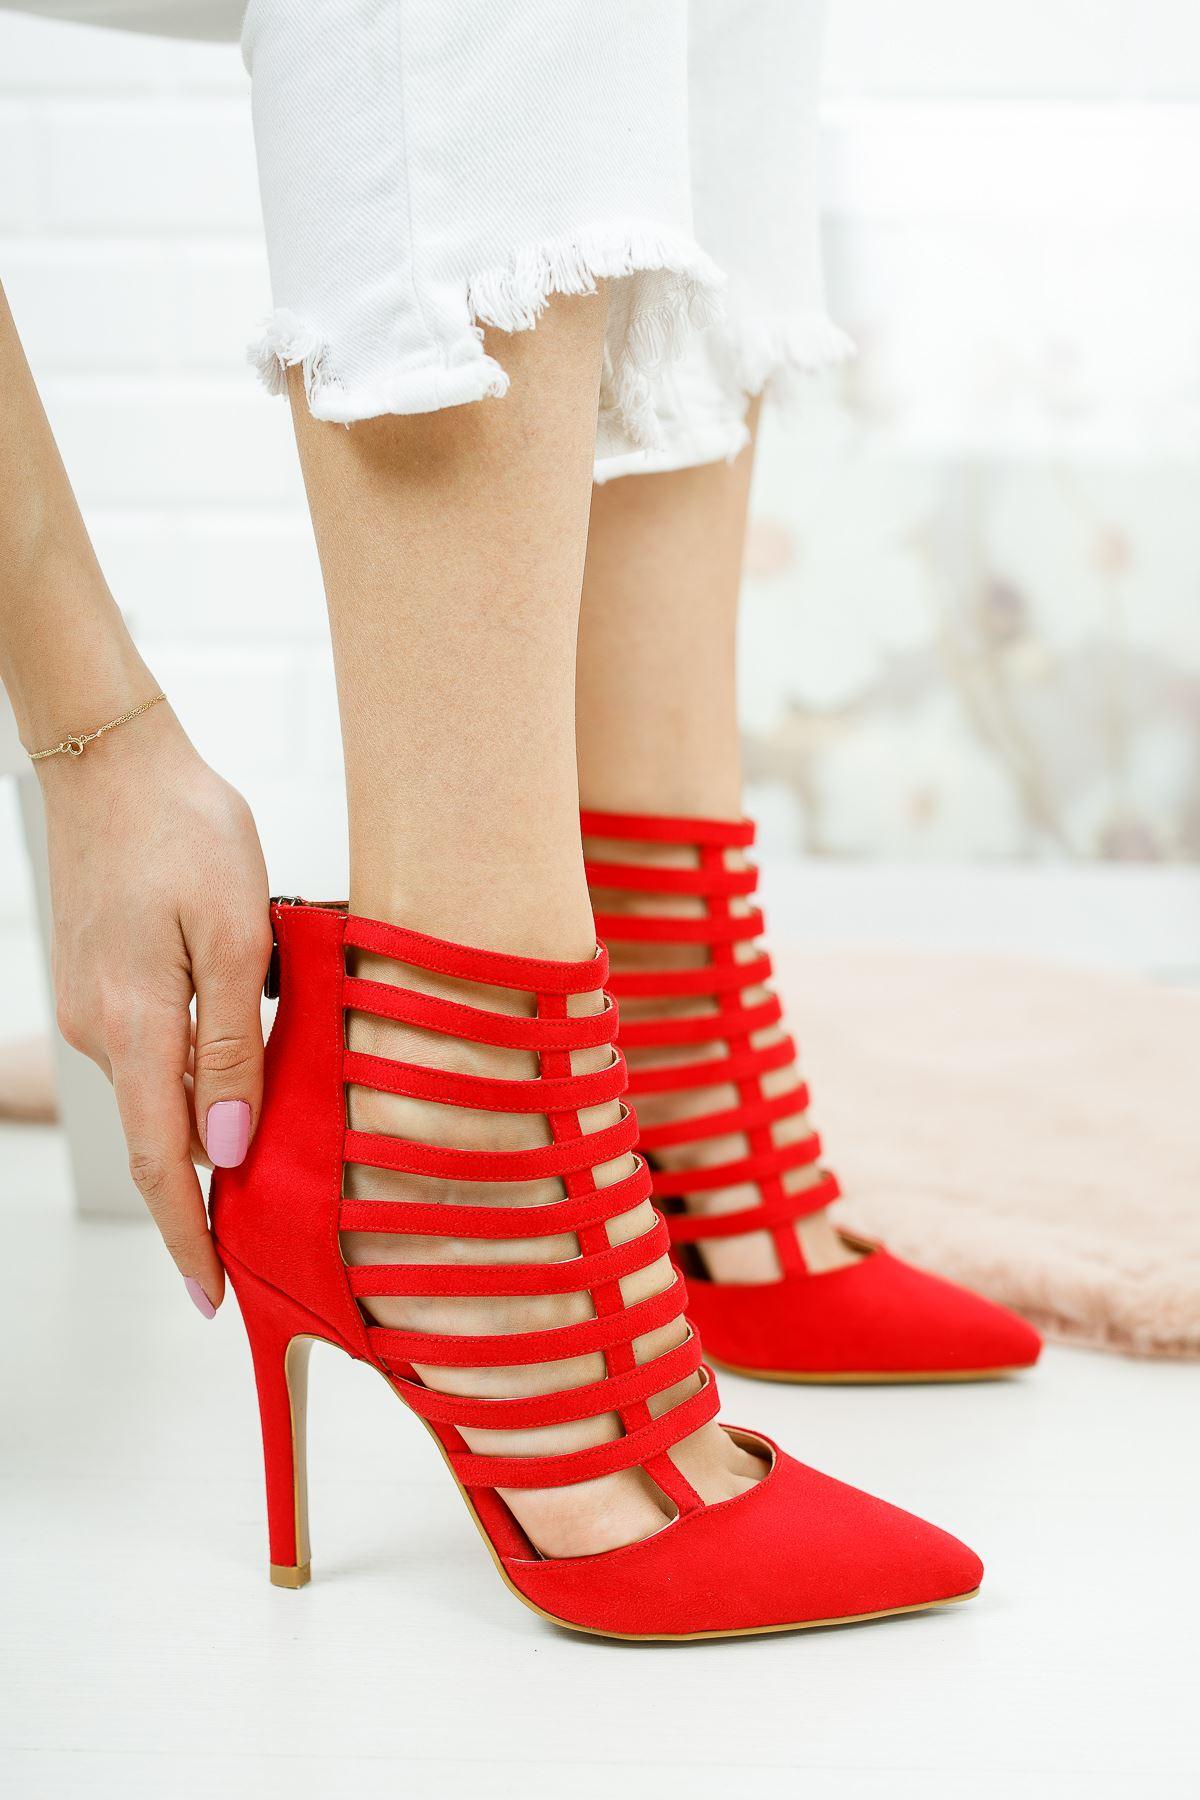 Edgar Kırmızı Süet Kadın Topuklu Ayakkabı